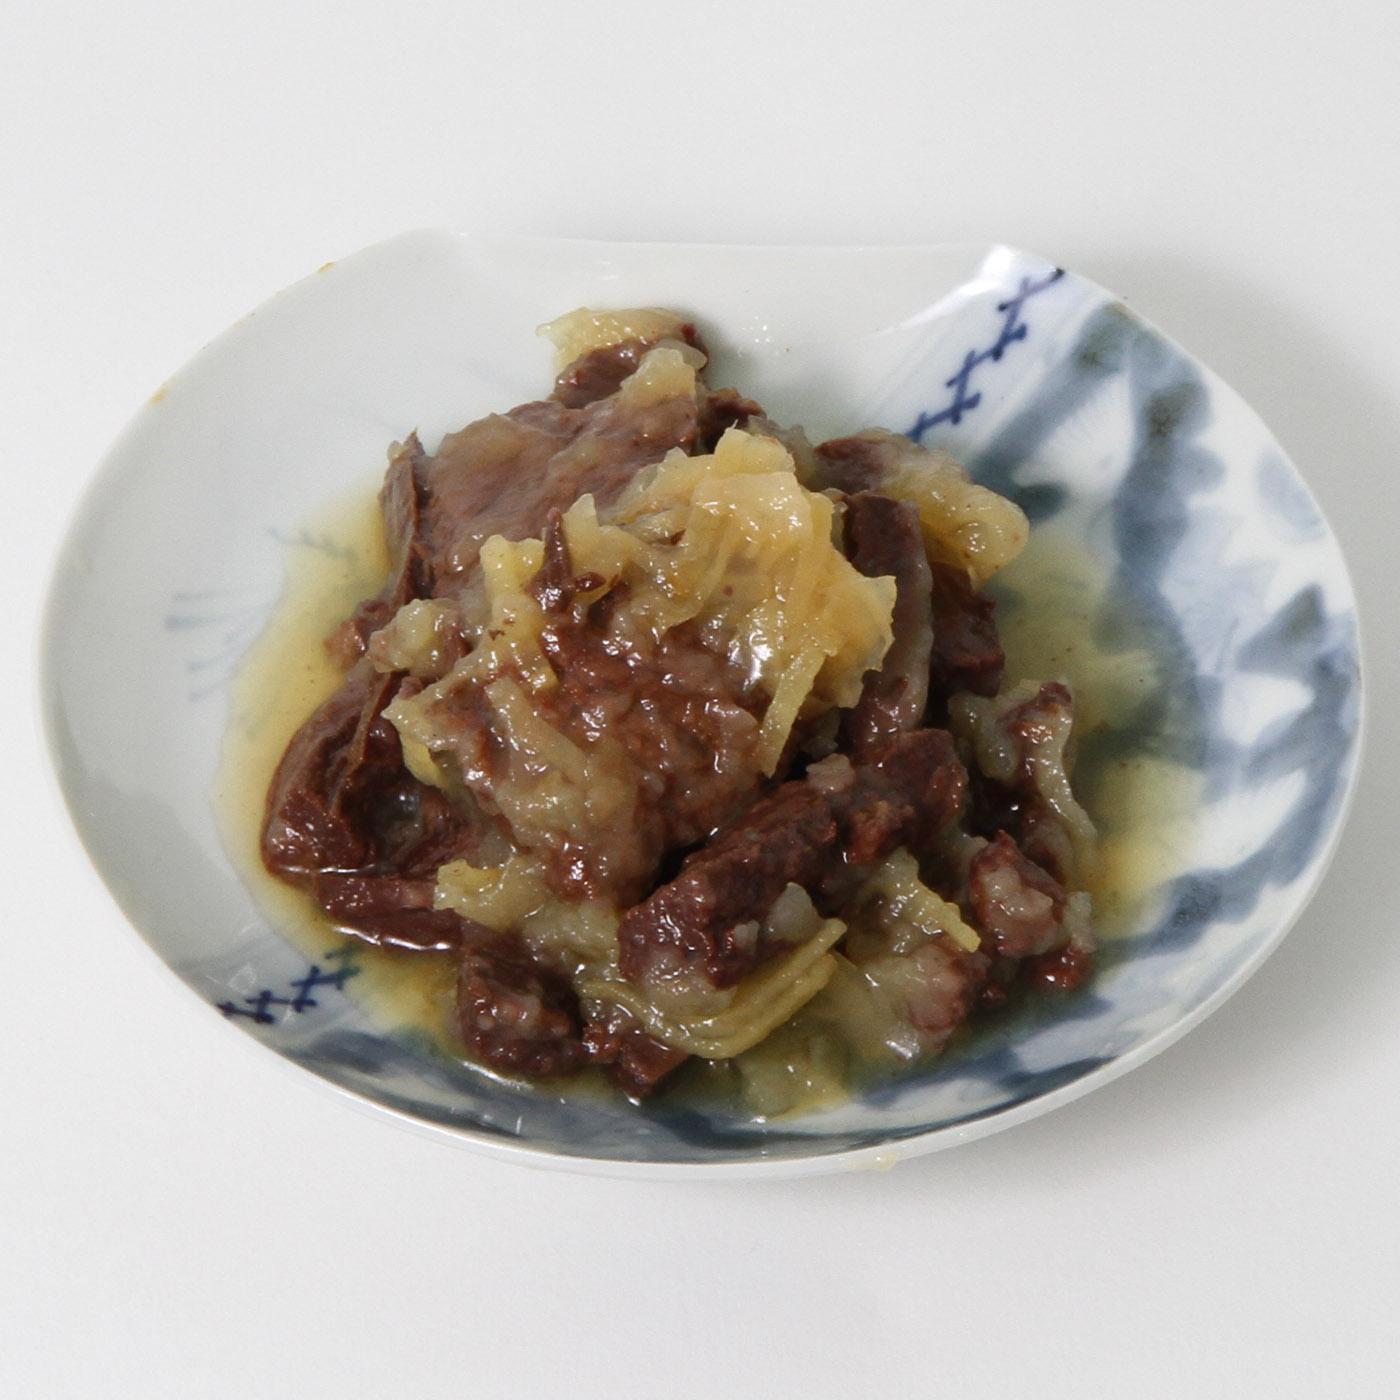 お皿にのせた長須大和煮缶詰